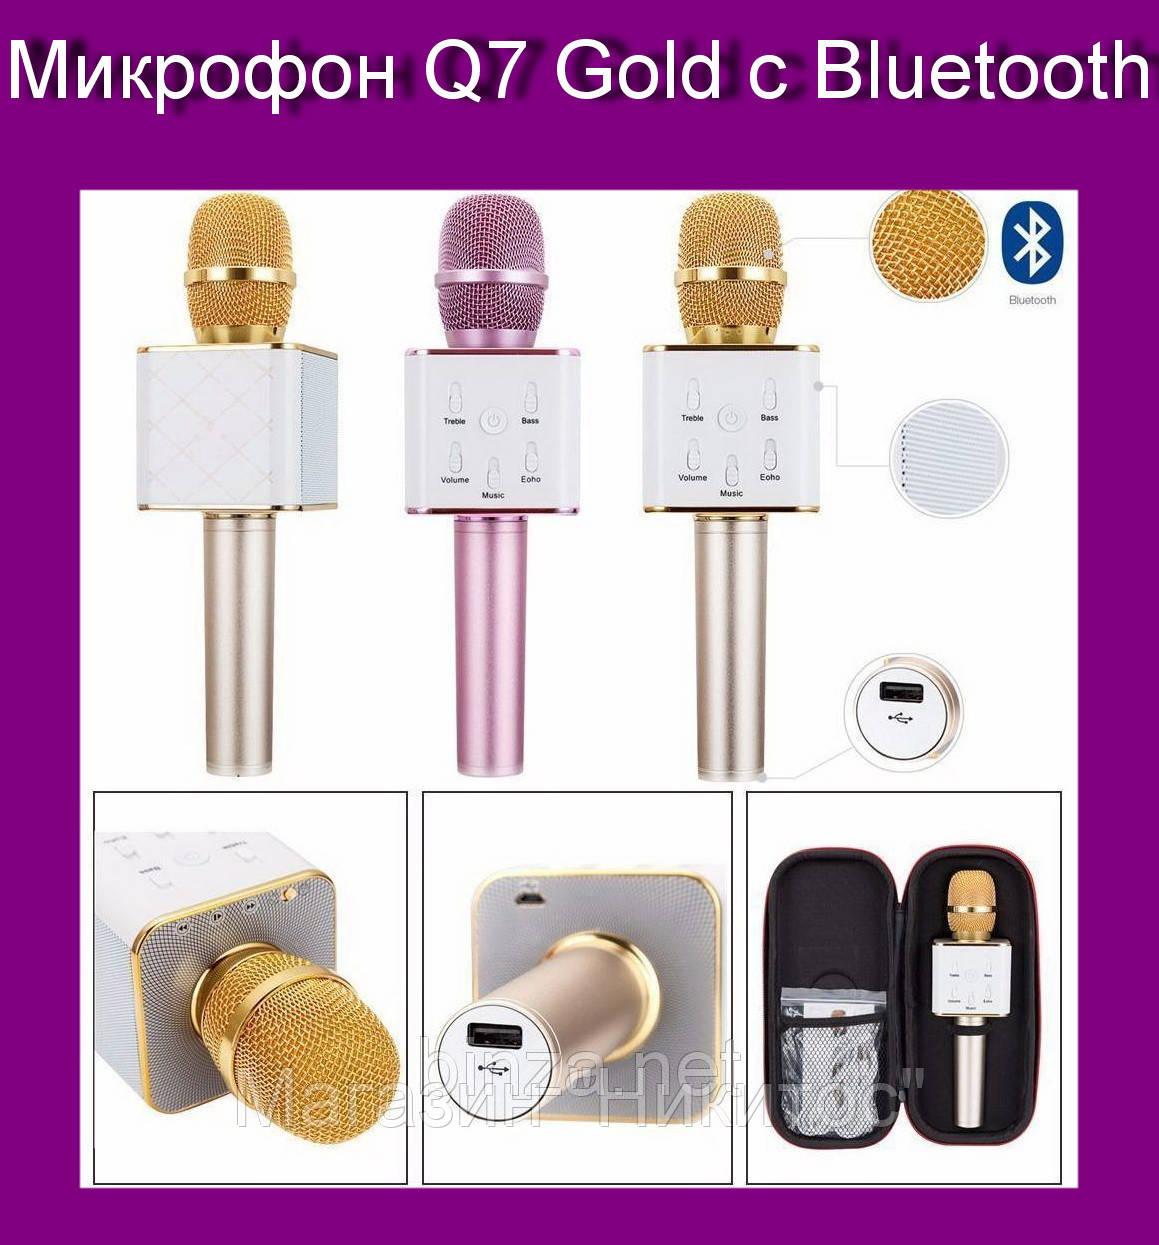 Микрофон Q7 Gold c Bluetooth!Акция